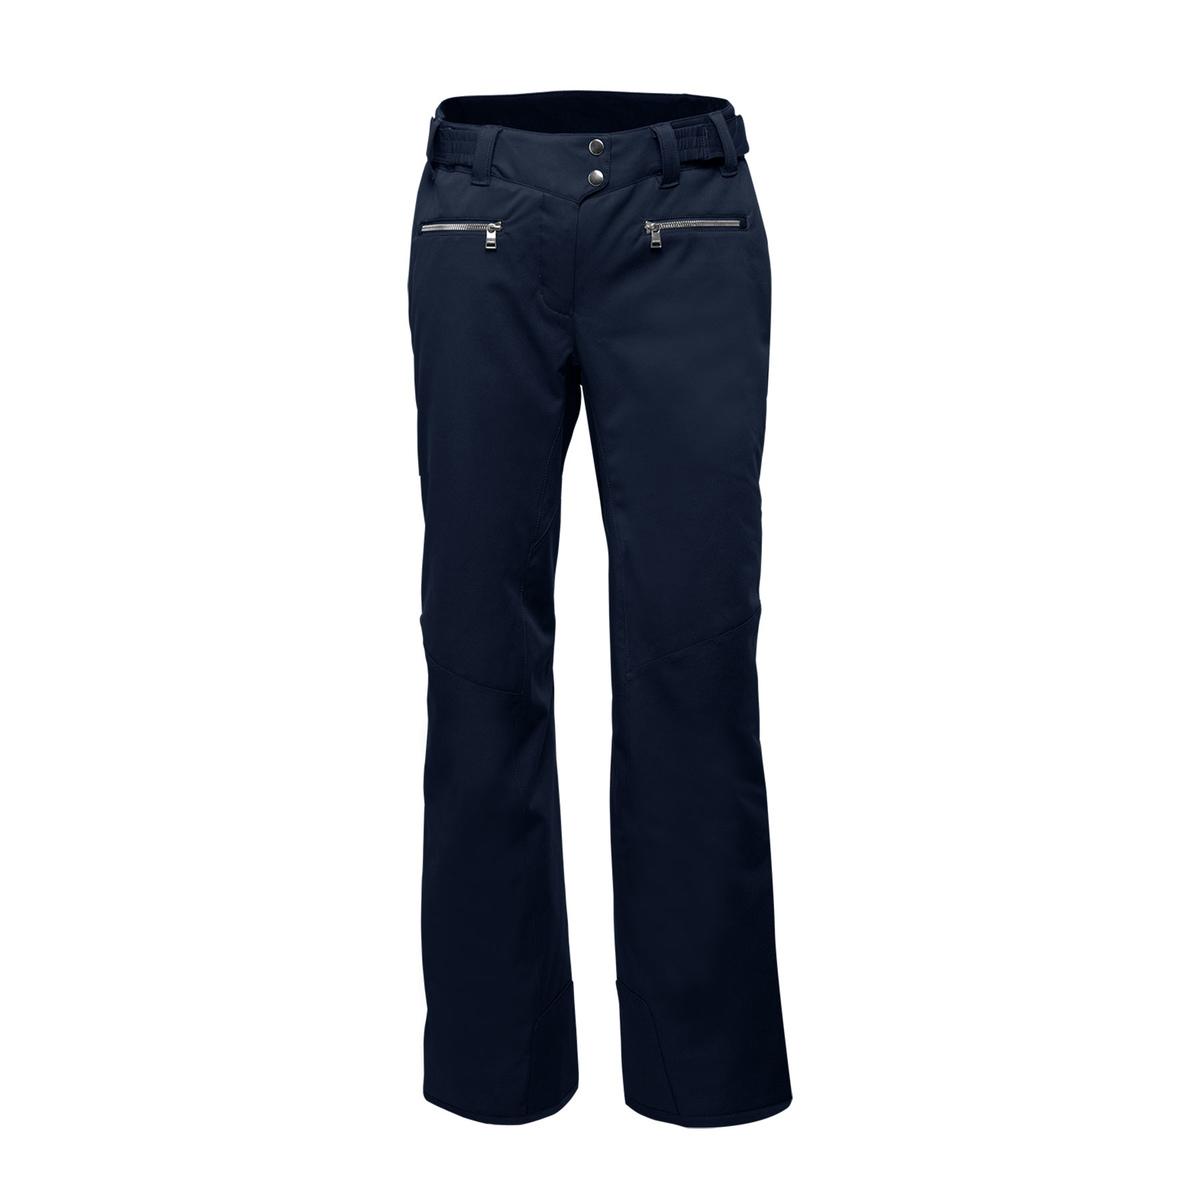 Prezzi Phenix pantaloni teine super slim donna